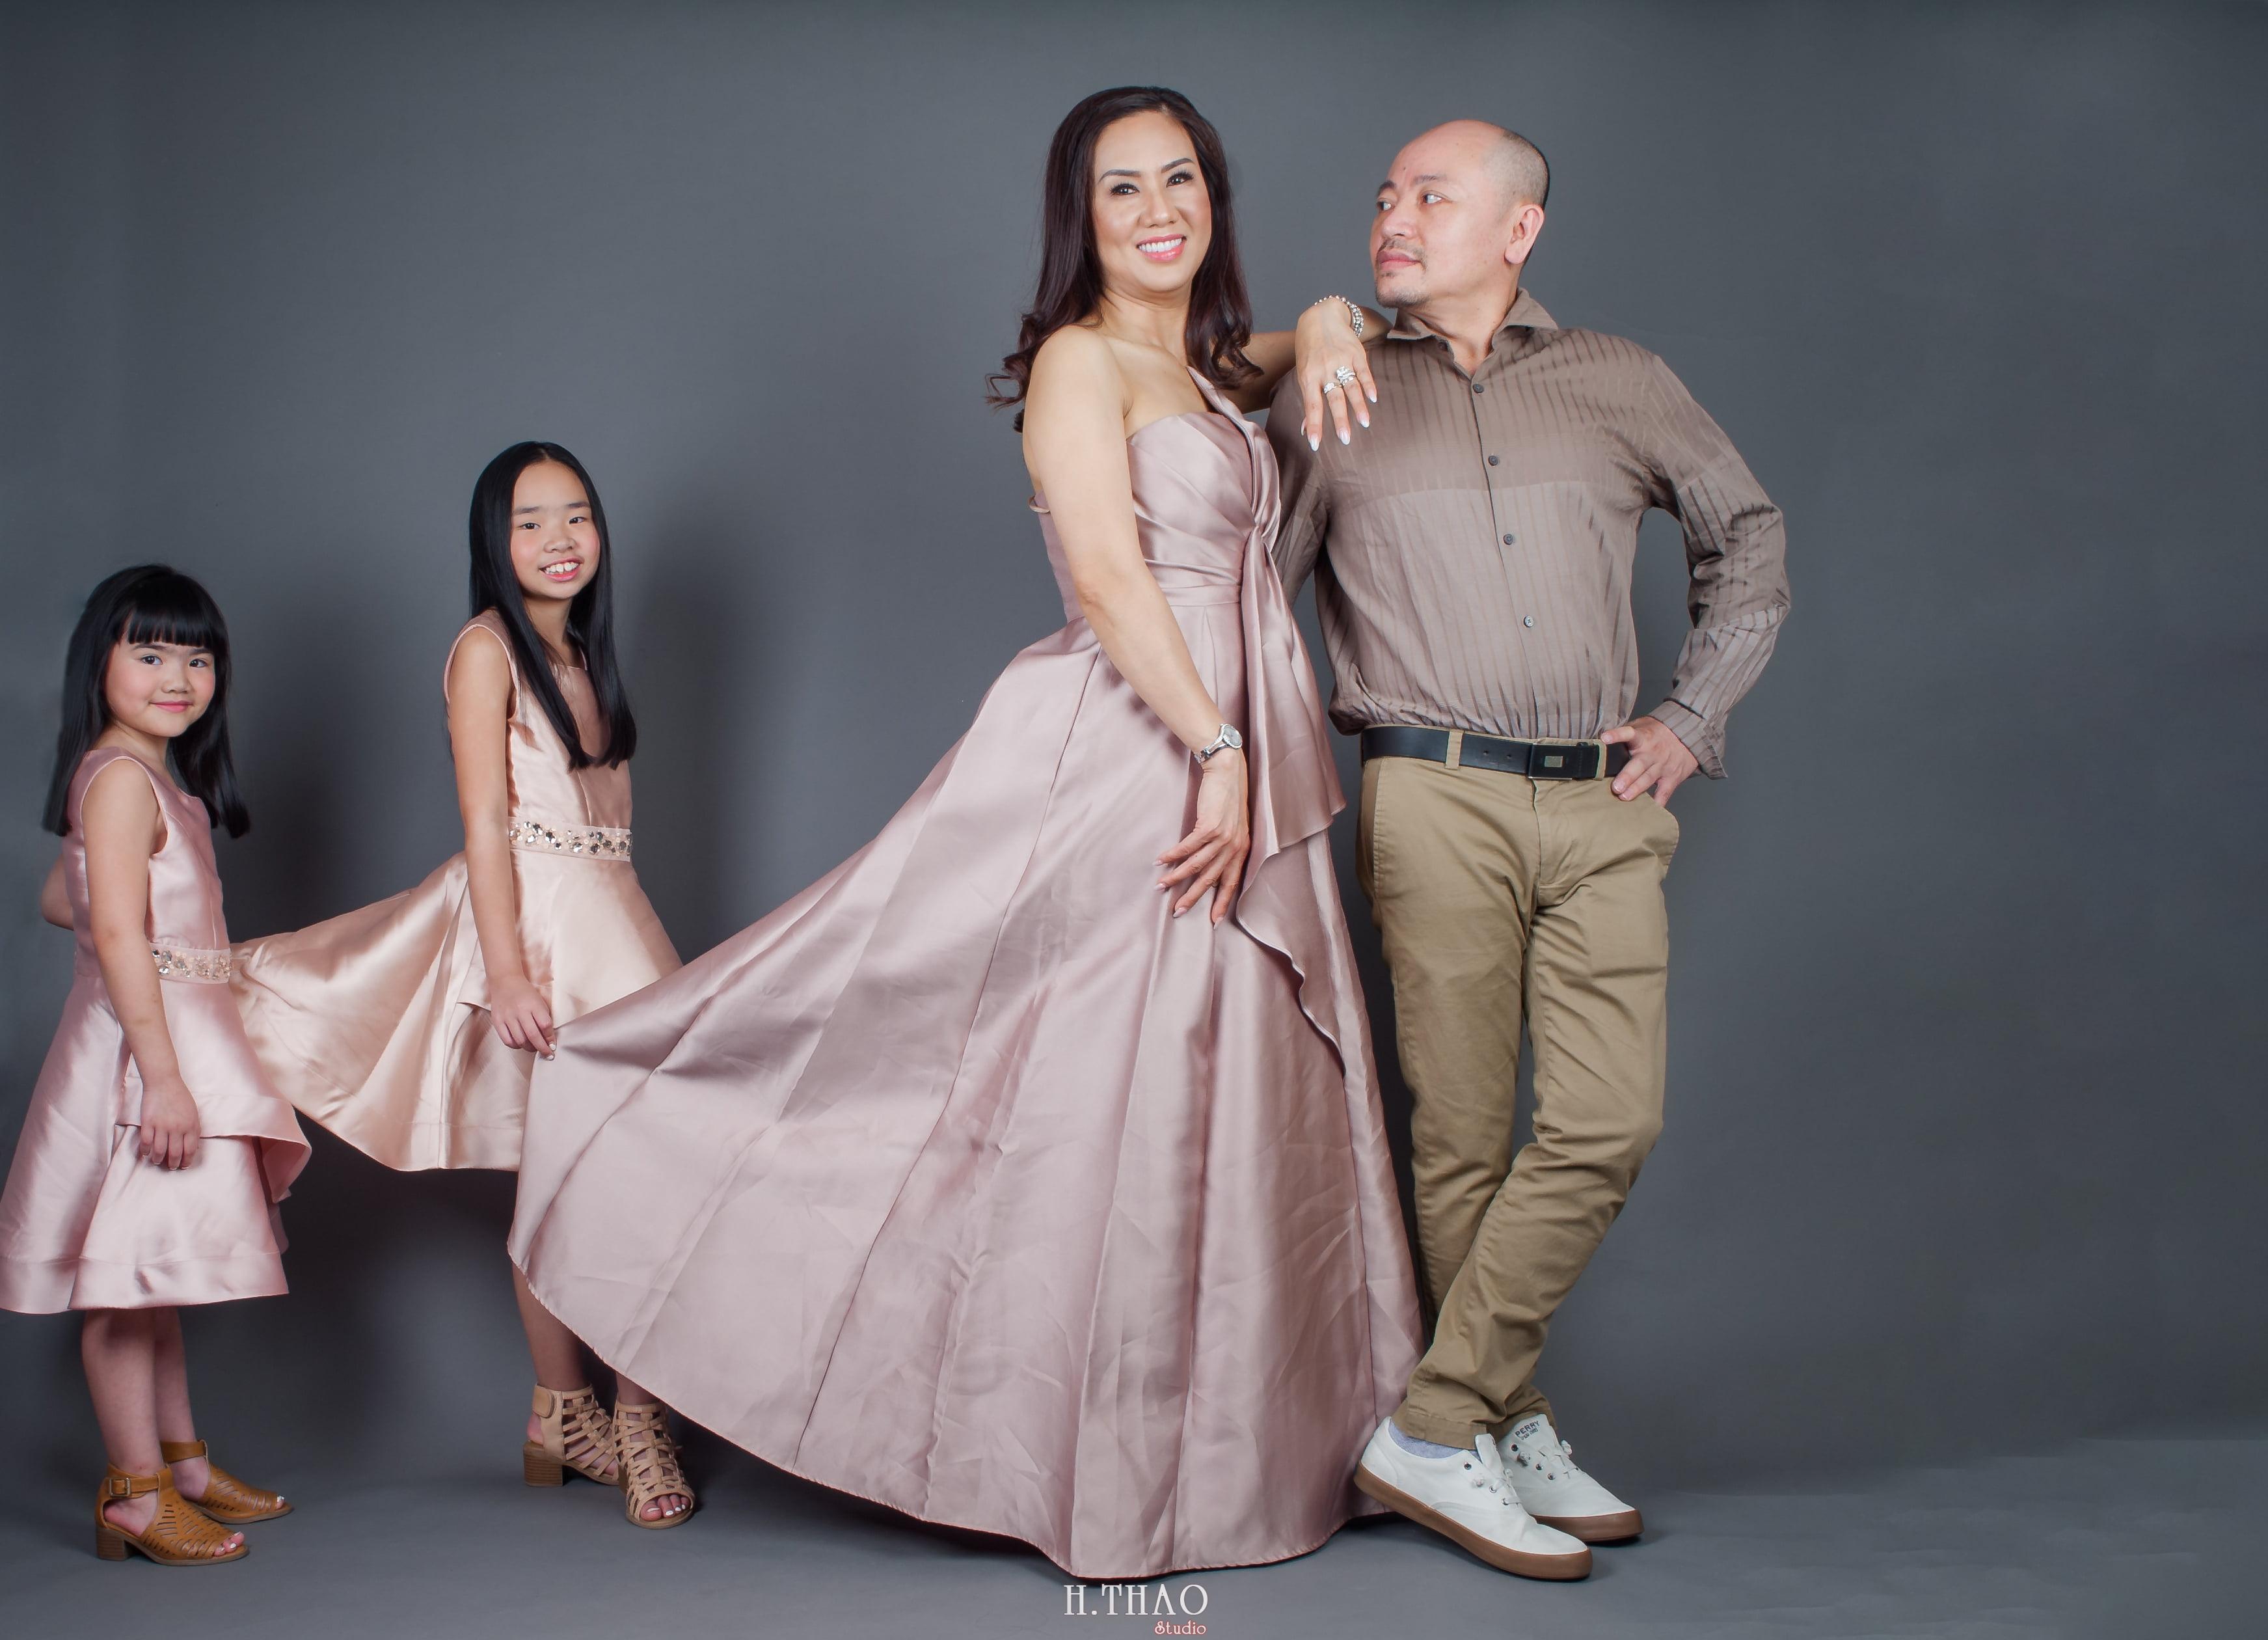 Jenny Nguyen 14 - Studio chuyên chụp ảnh gia đình đẹp ở Tp.HCM- HThao Studio